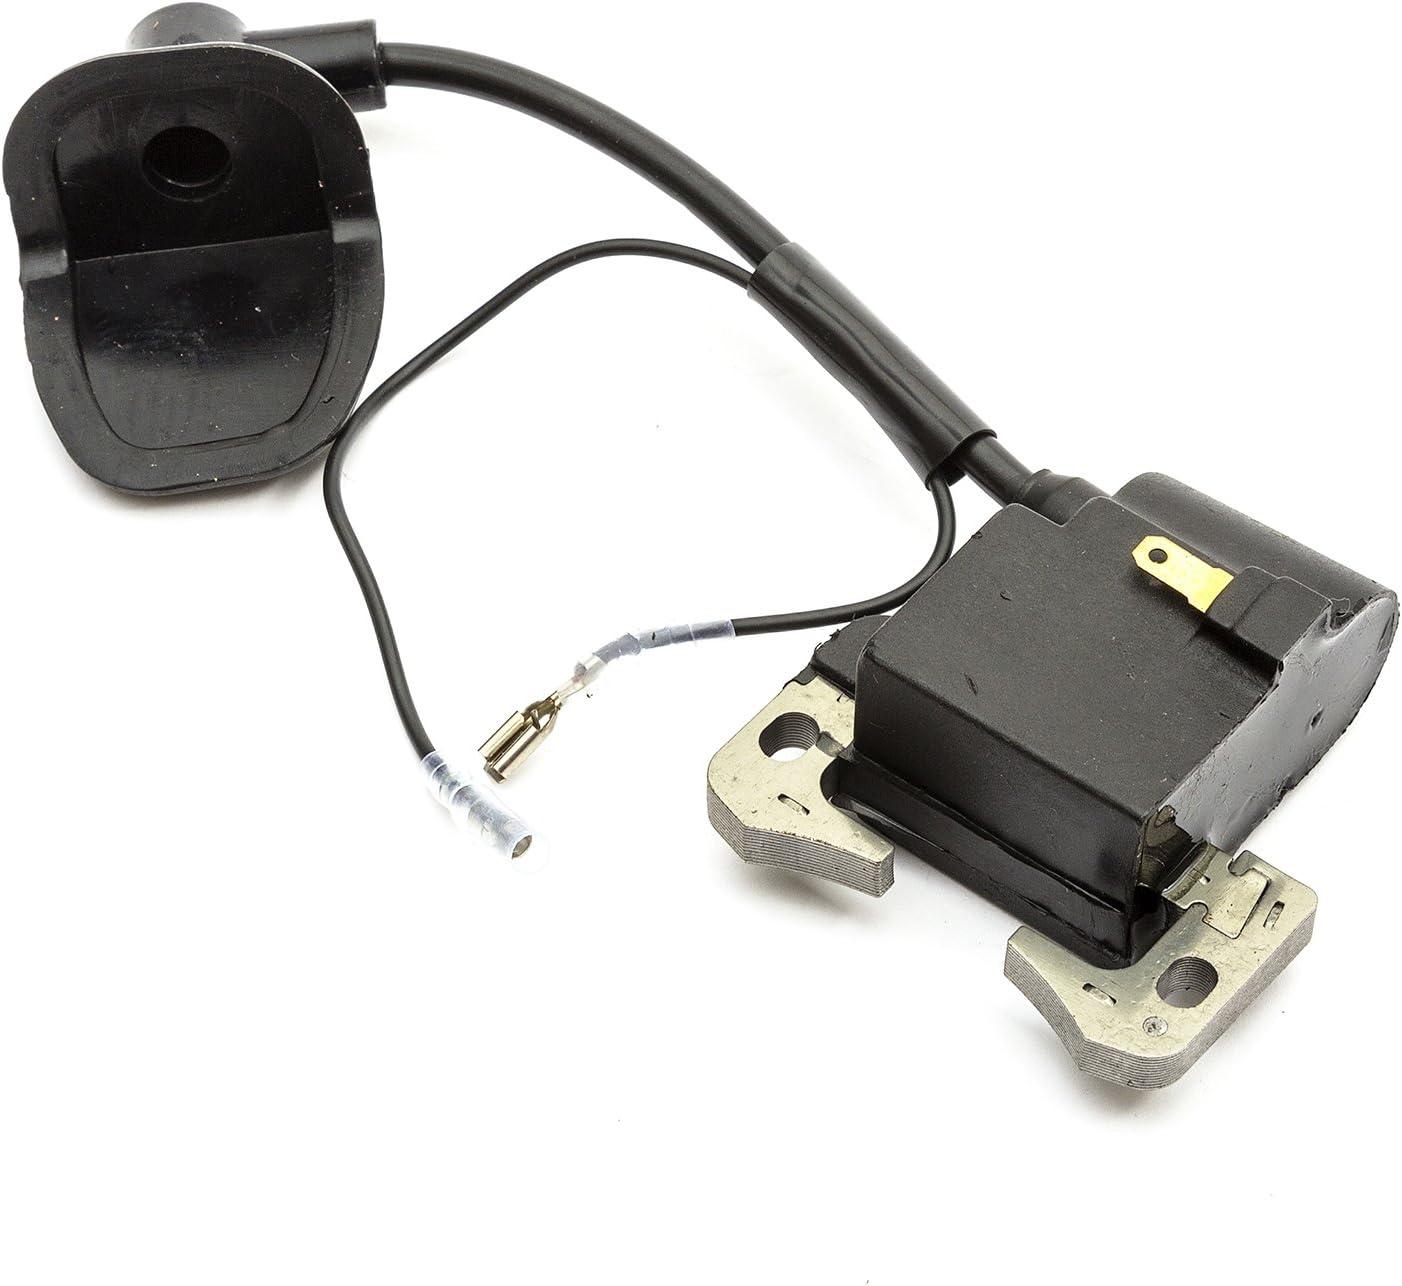 49cc Mini Chopper Wiring Diagram 3 Wire Cdi Box